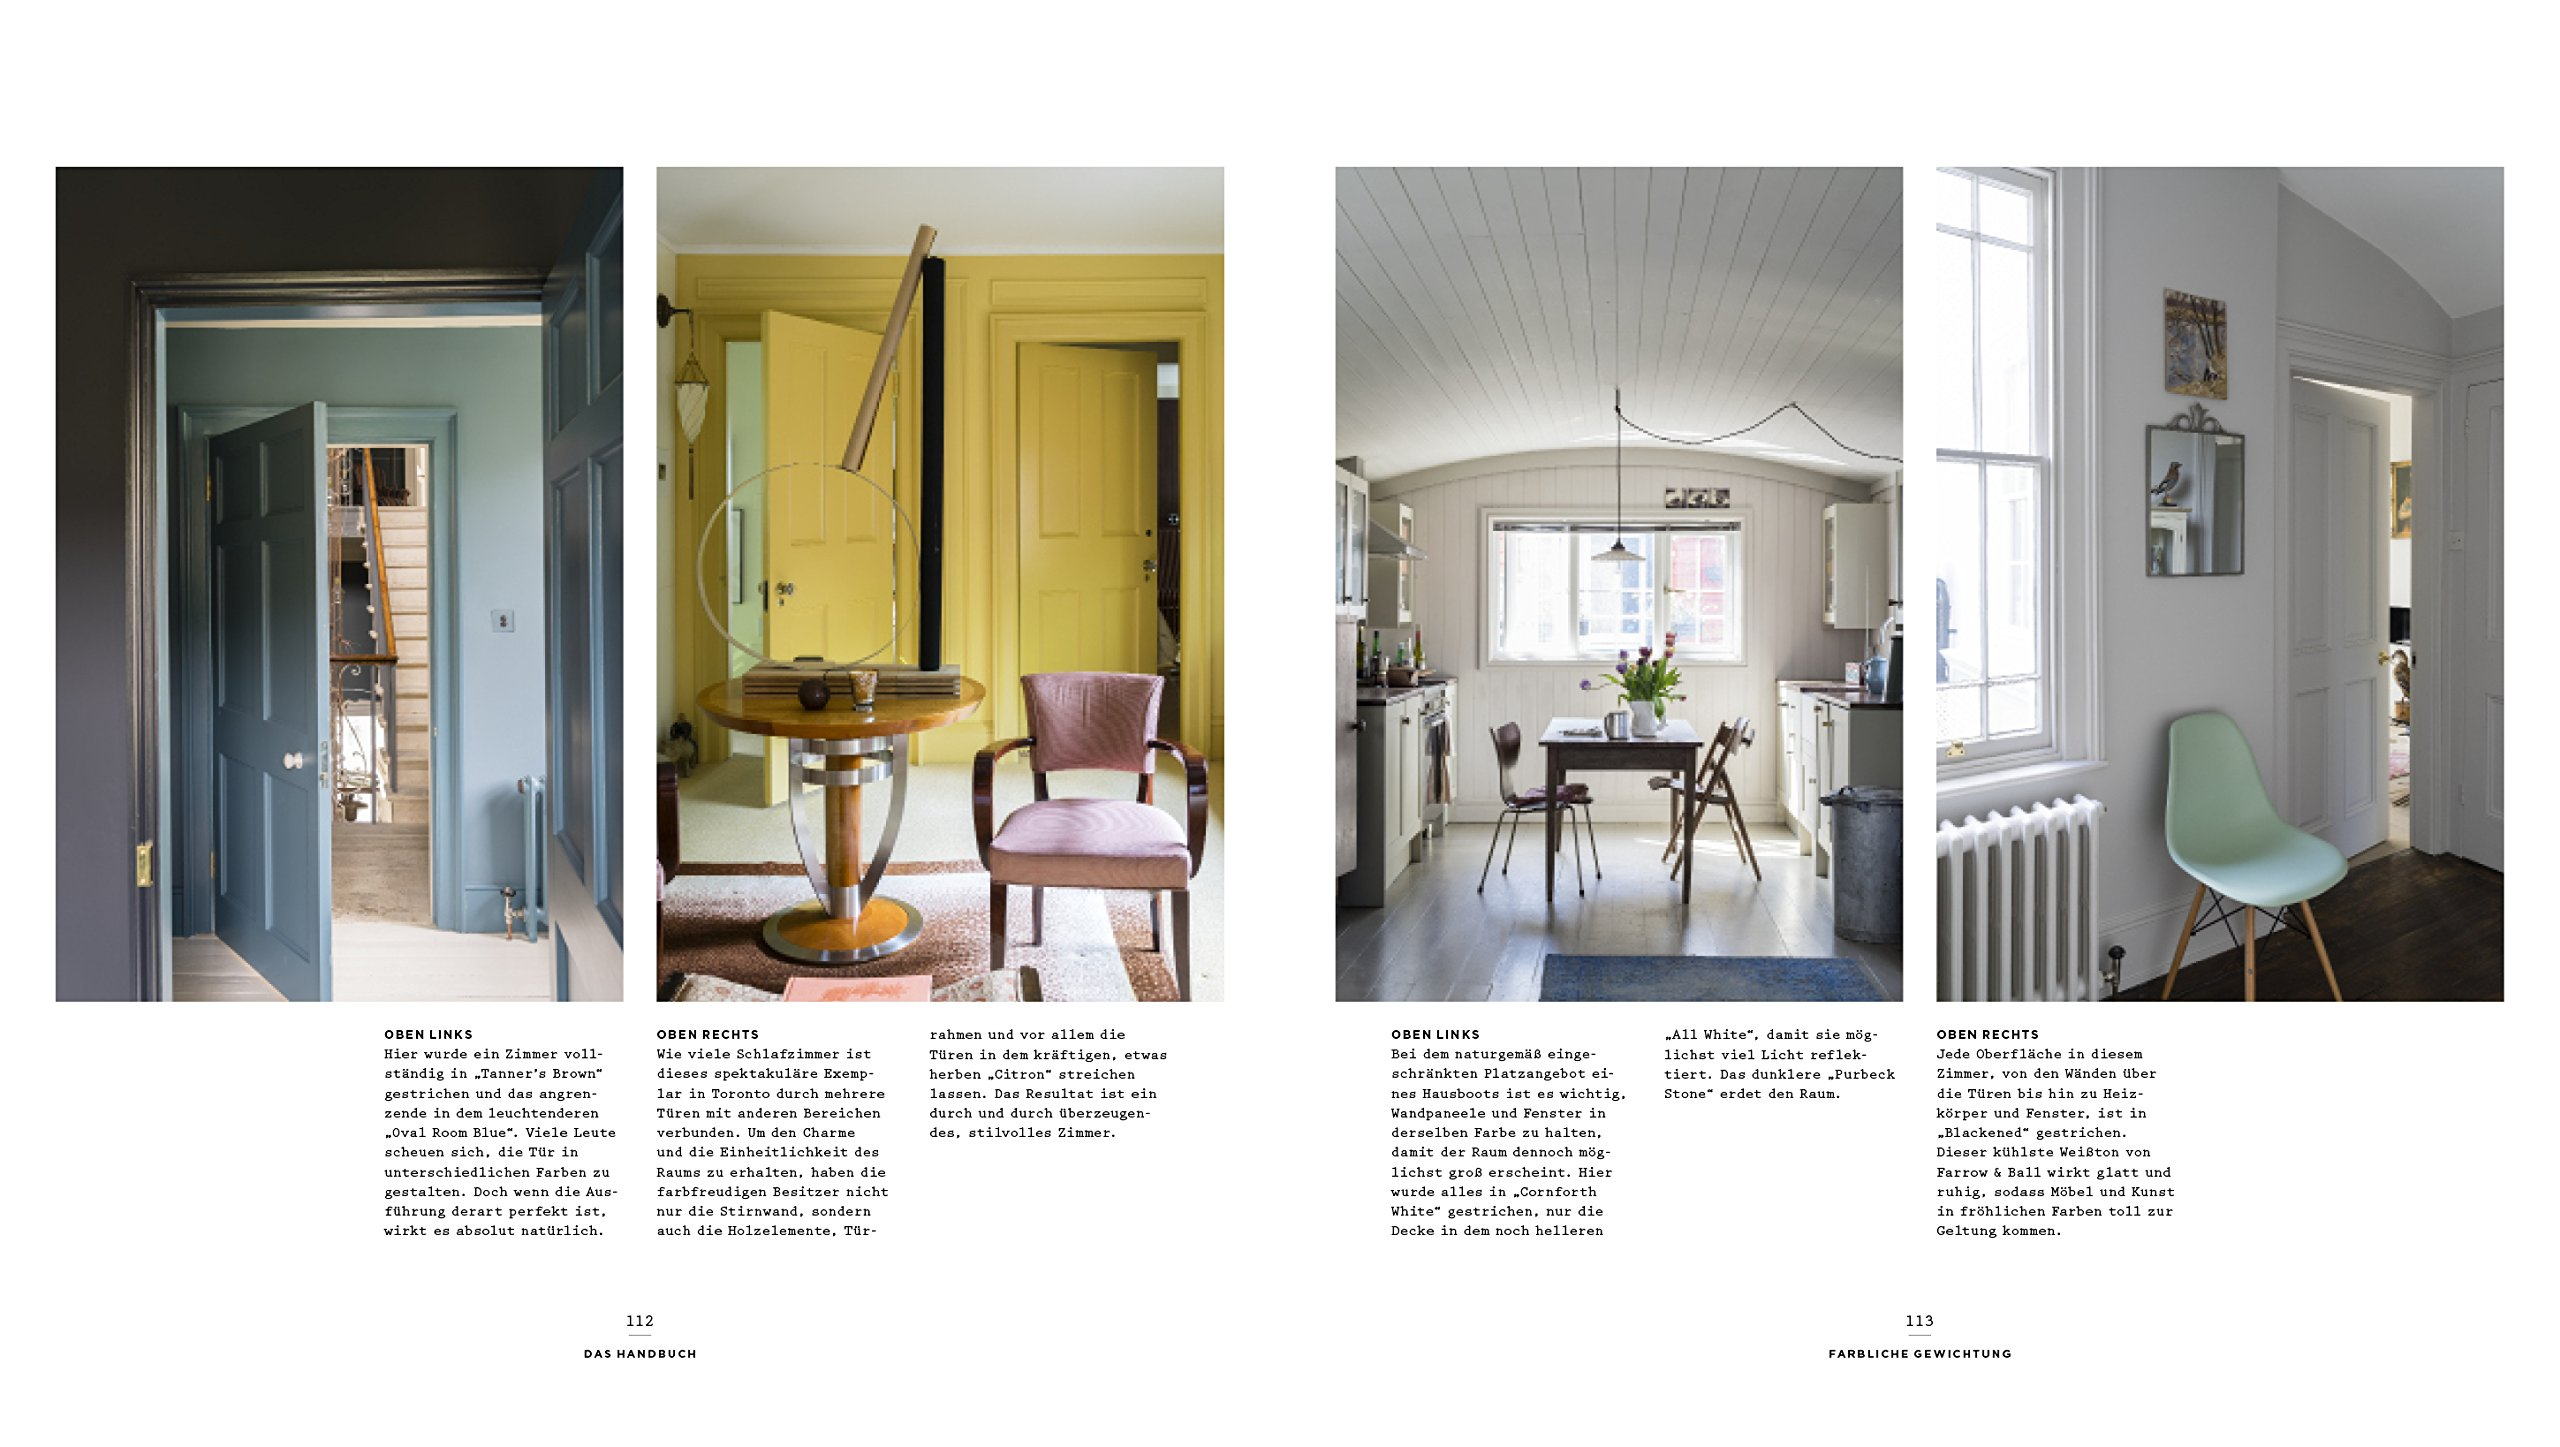 wohnung farblich gestalten gardinen ideen zum kleine wohnung einrichten best of kleines. Black Bedroom Furniture Sets. Home Design Ideas